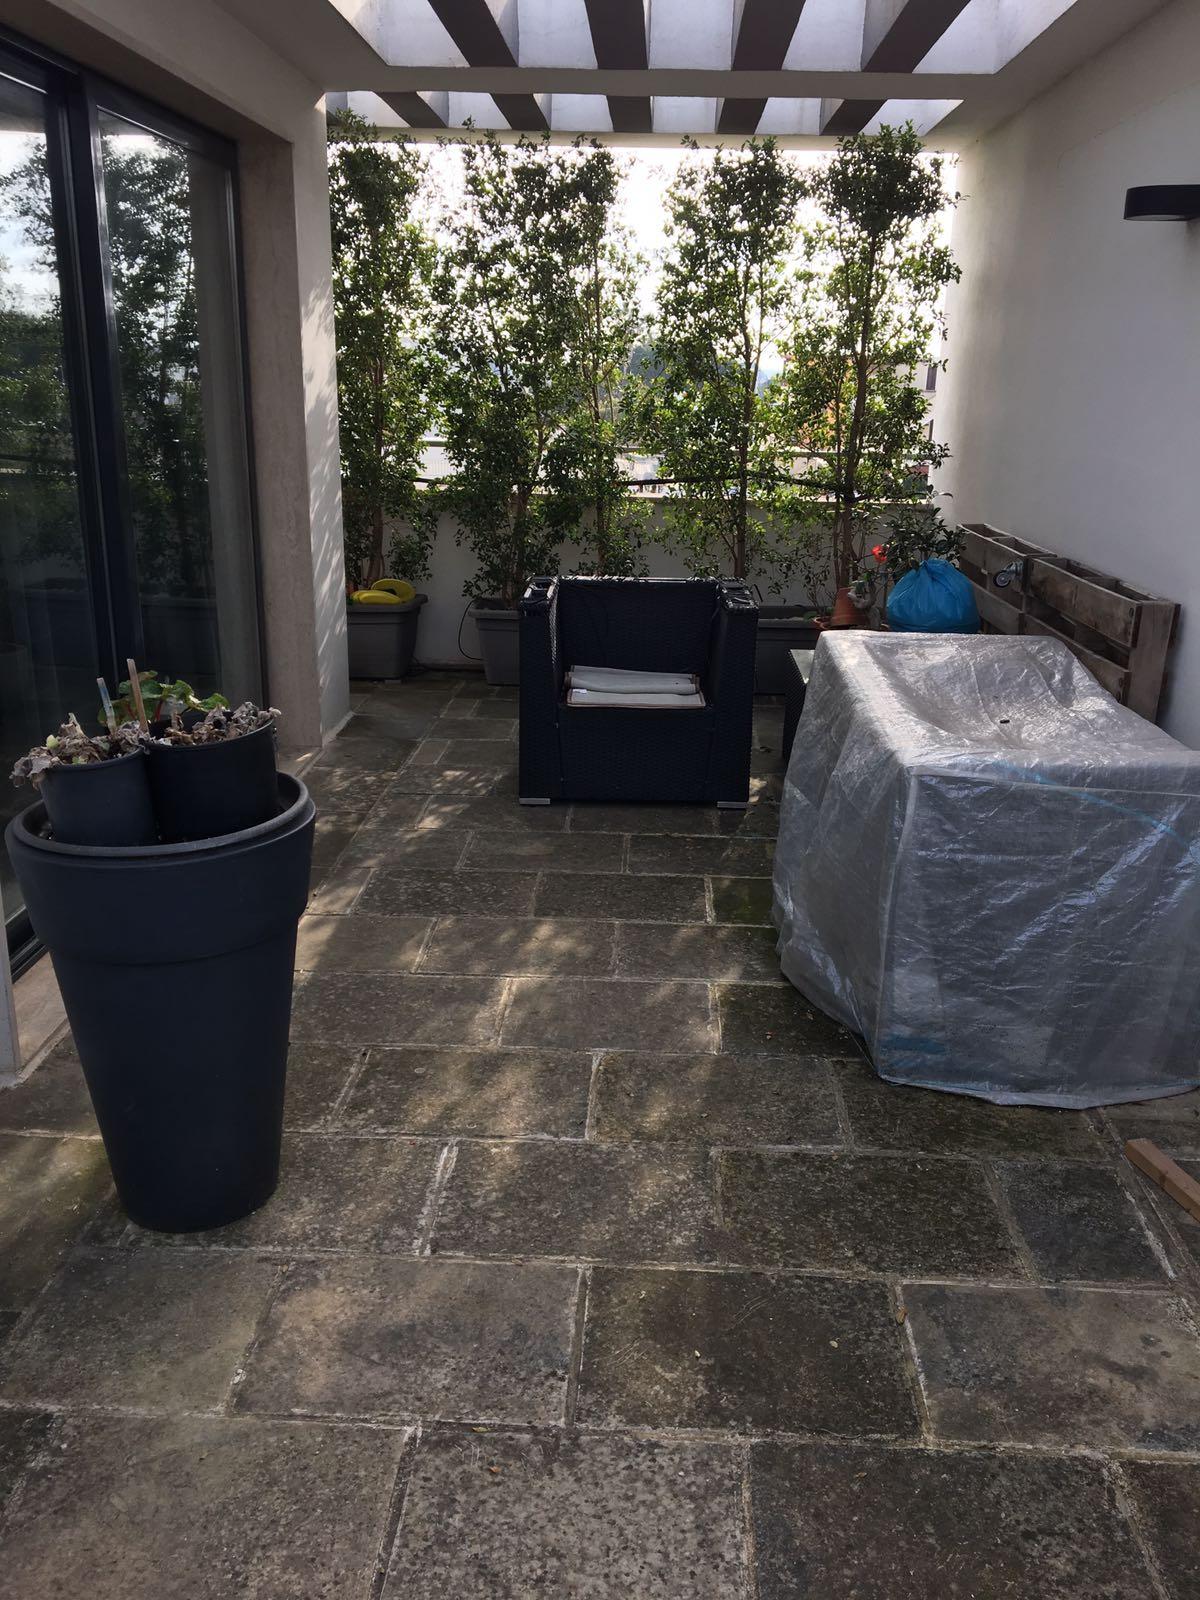 Rinnovo pavimento esterno terrazza con resina opaca Infinity Outdoor